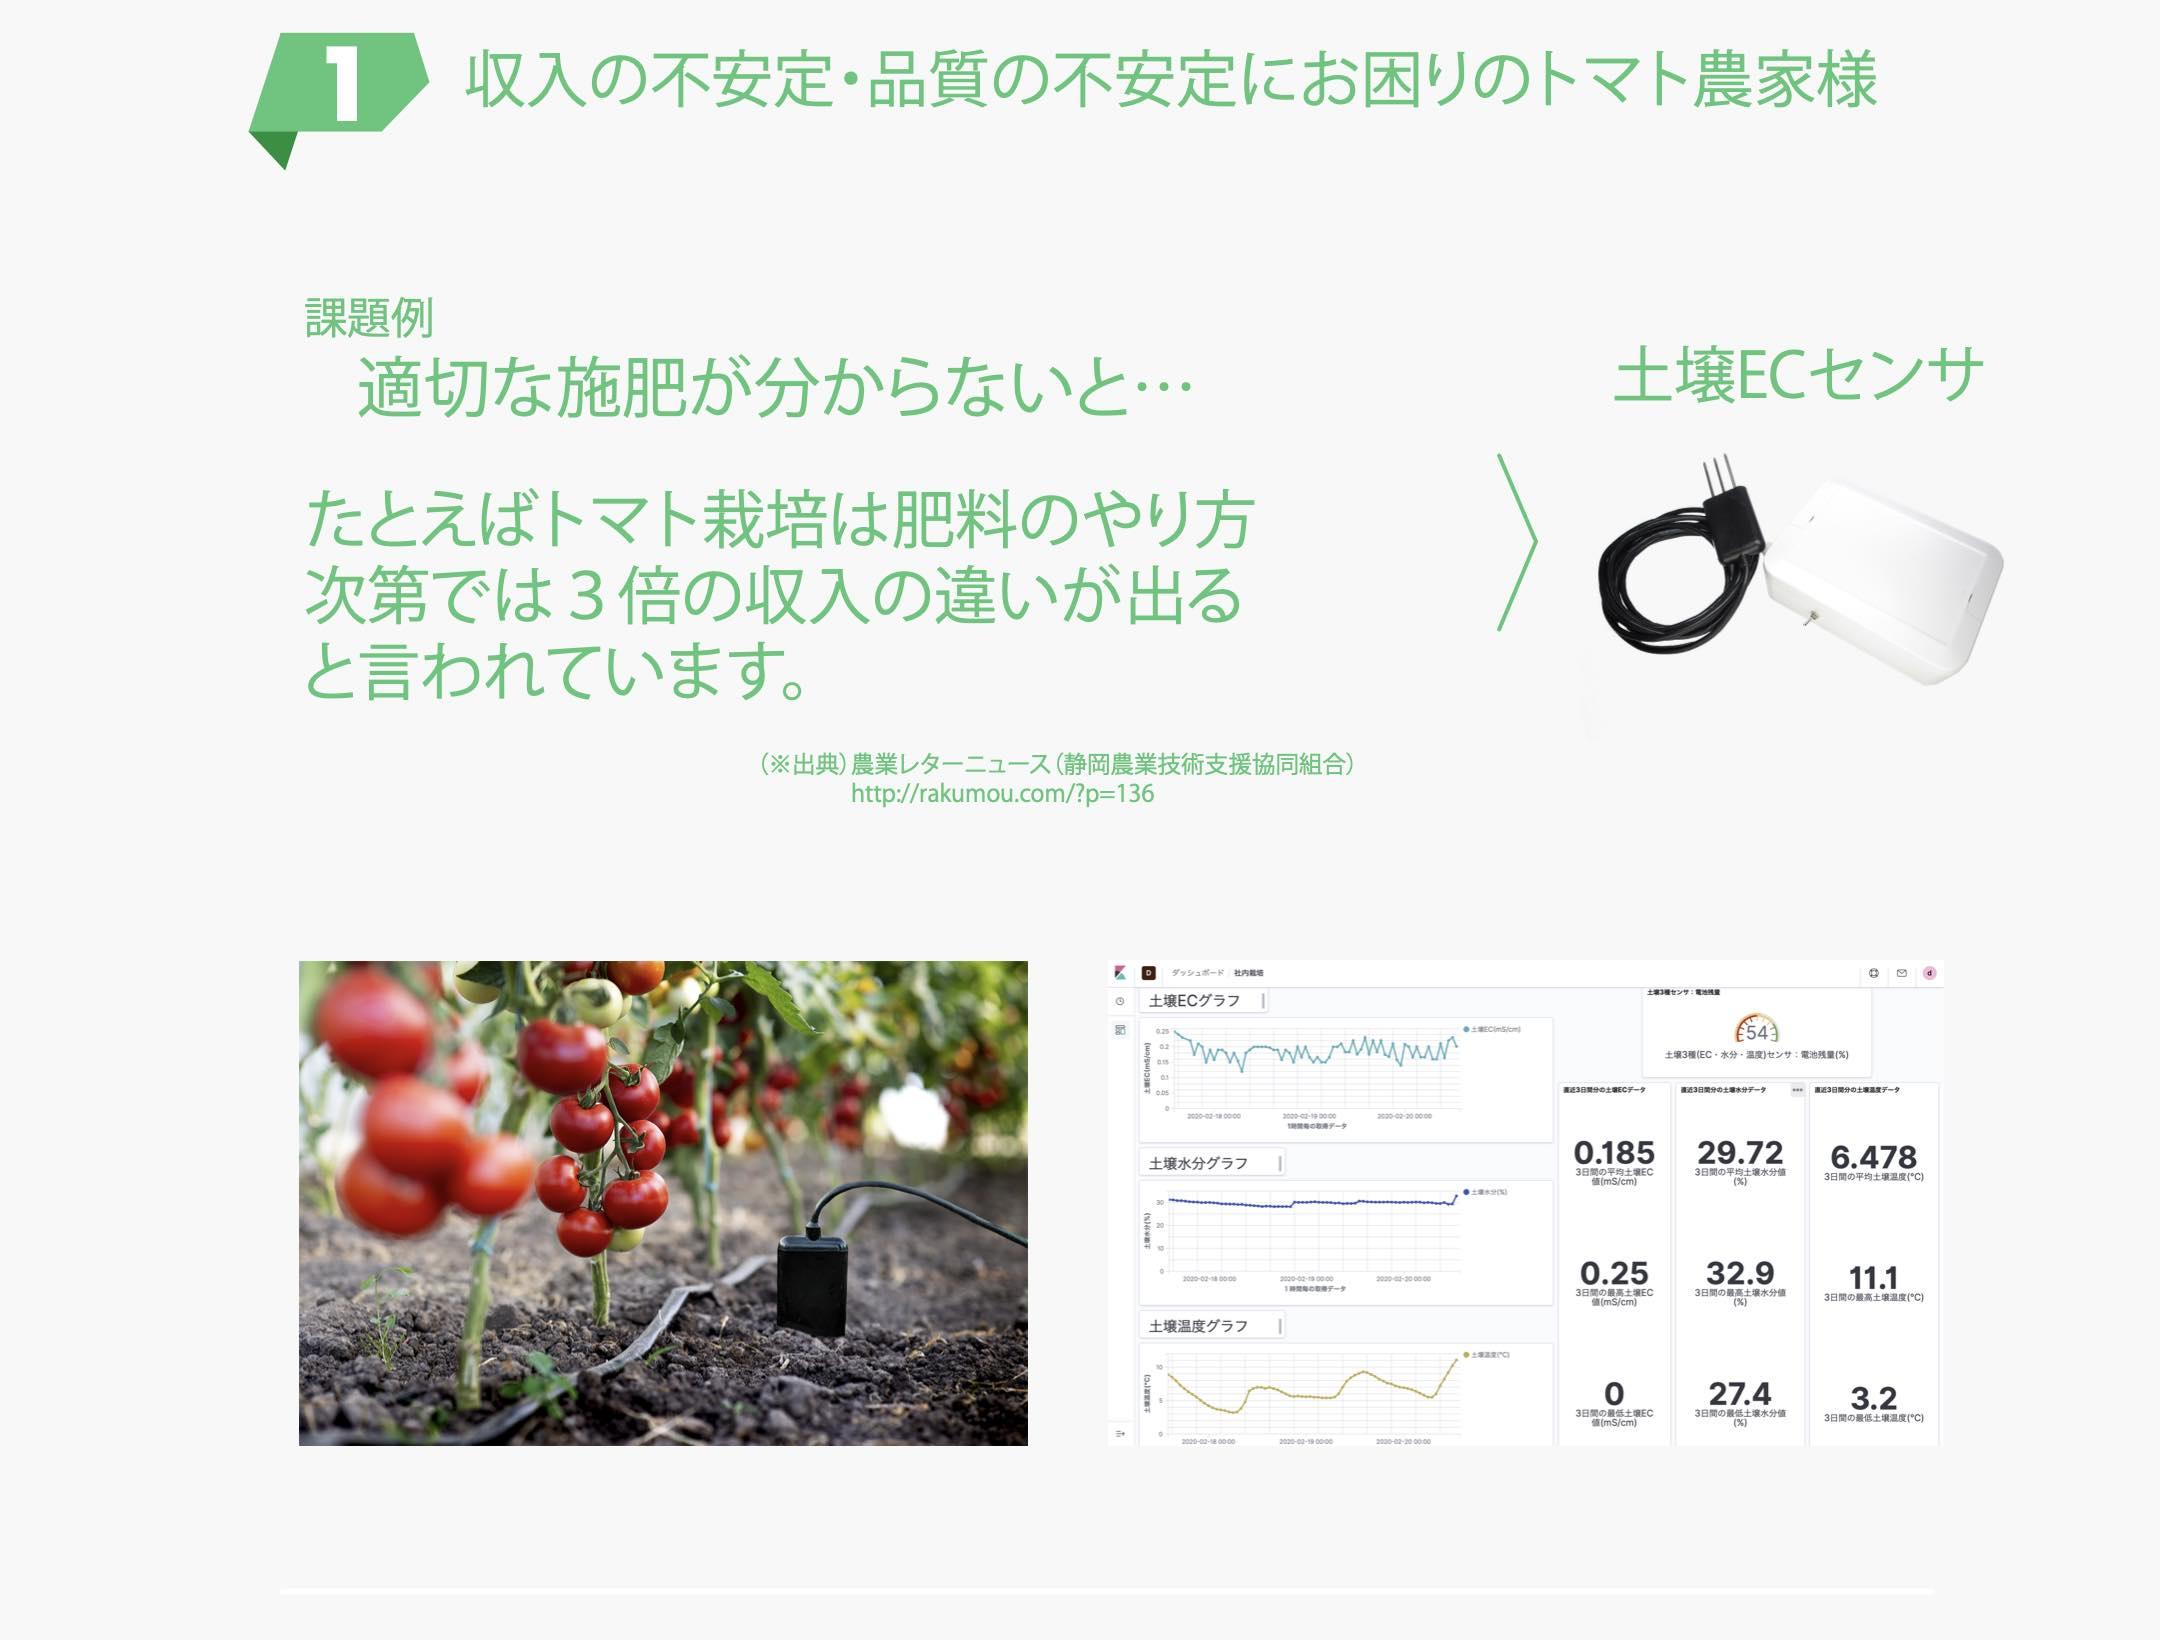 収入の不安定・品質の不安定にお困りのトマト農家様 適切な施肥が分からないと... たとえばトマト栽次第では3倍の収入の違いが出る と言われています。